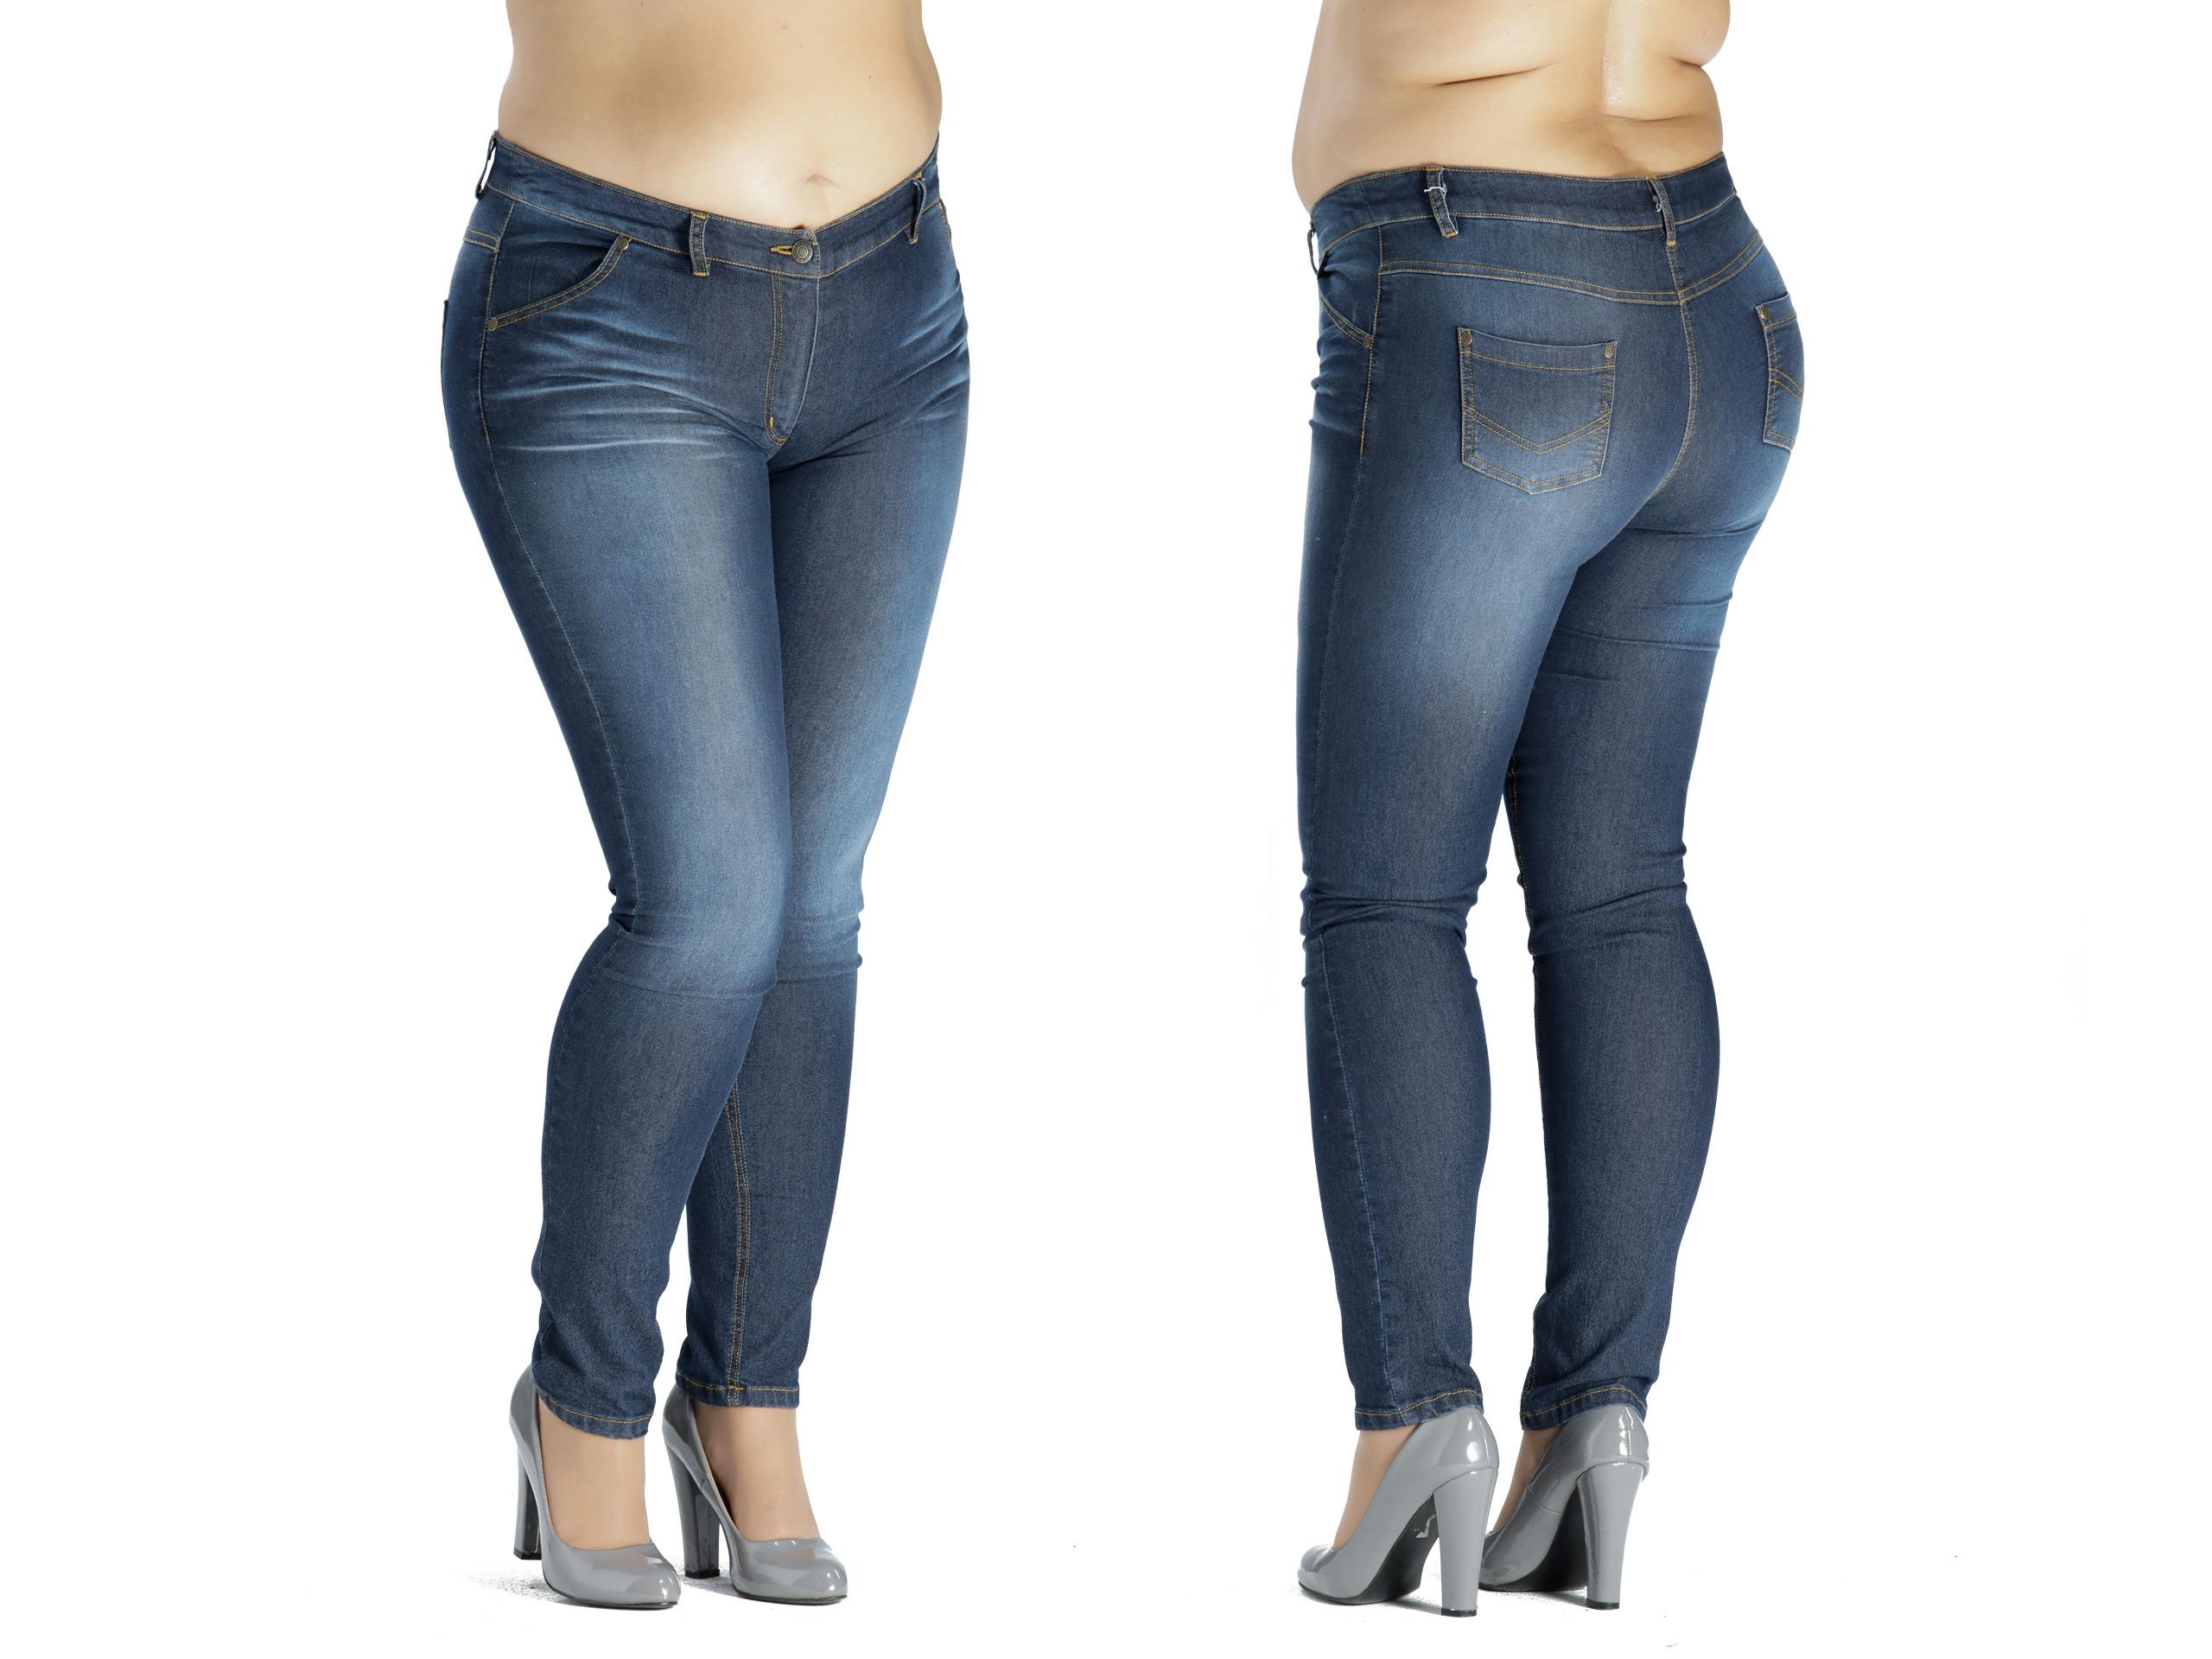 1269e54da396 SPODNIE jeansowe rurki PLUS SIZE duże rozmiary 56 - 6961813149 ...